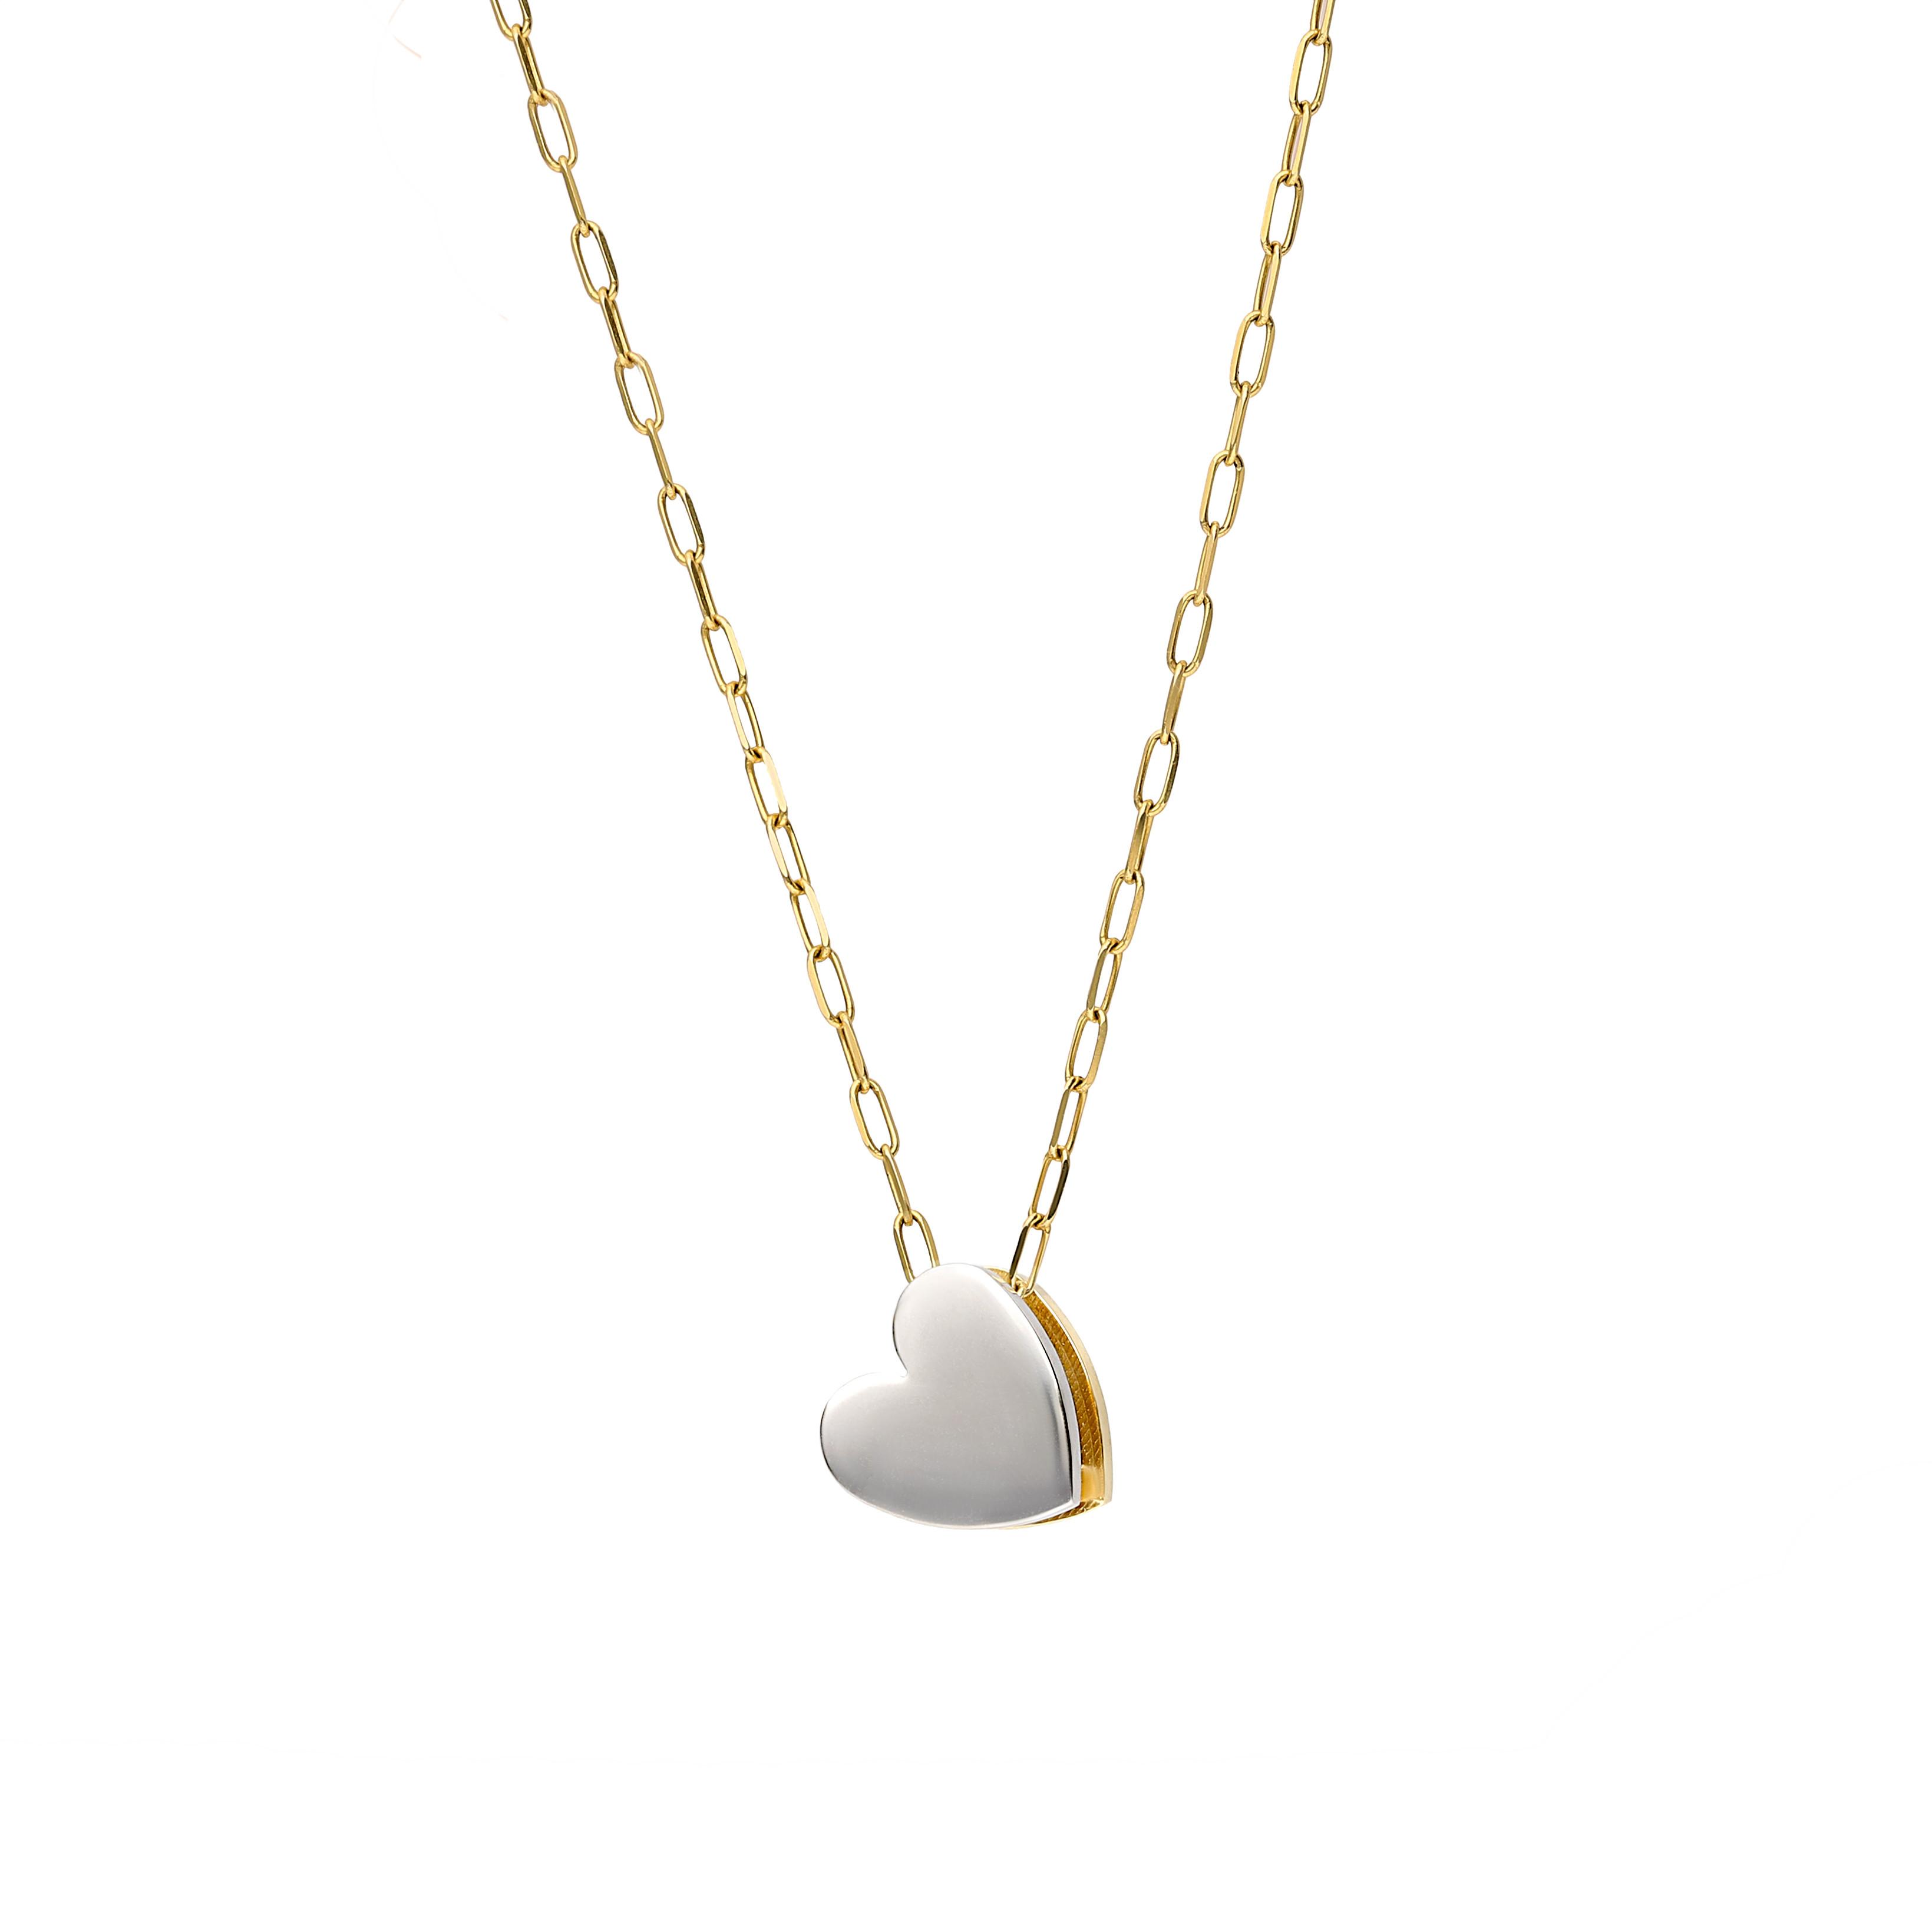 Zawieszka złota serce, żółte i białe złoto, dwustronne, próba 585